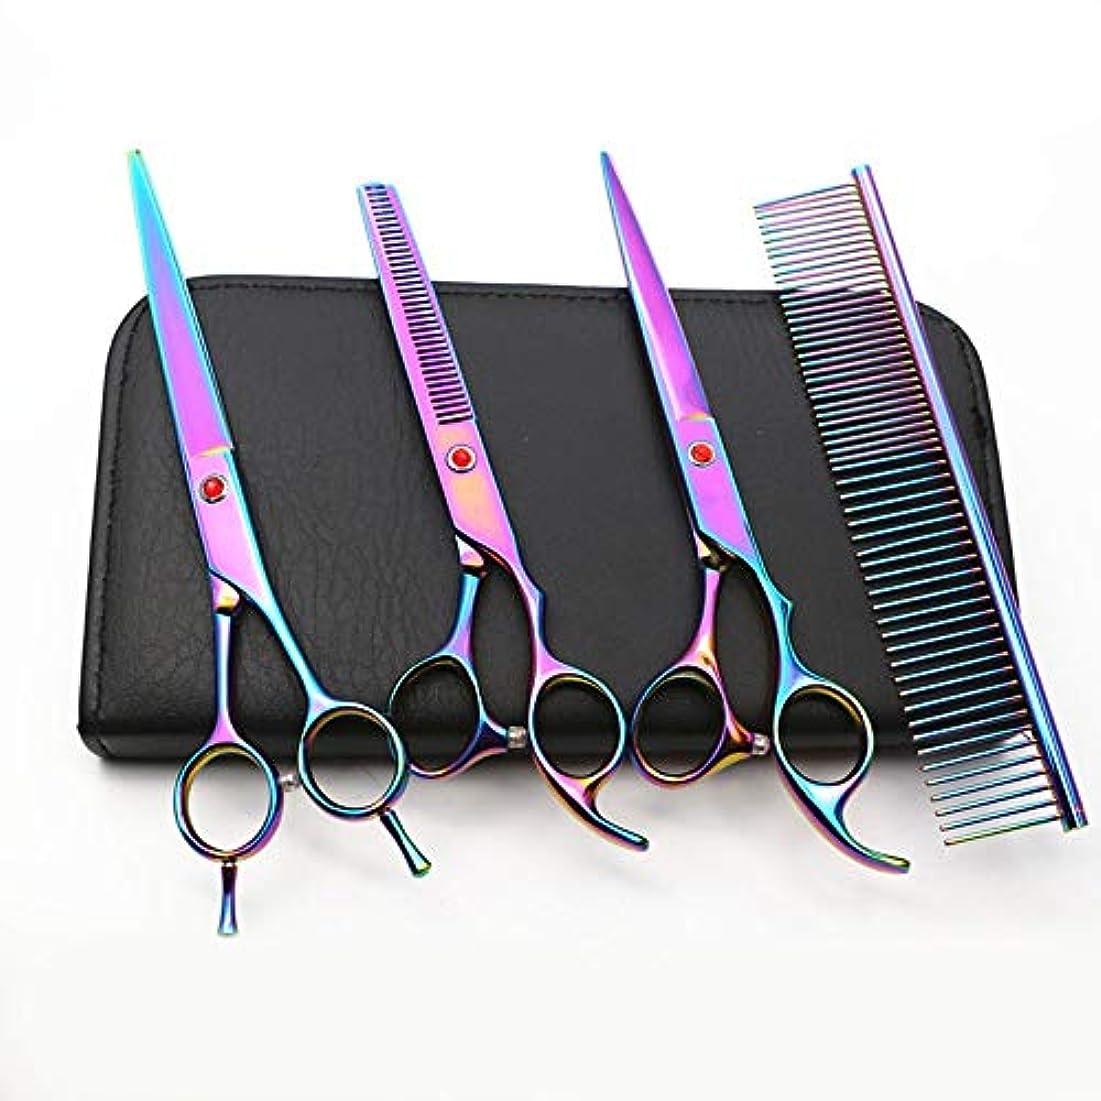 グレーからかう十分ですGoodsok-jp ハイエンドカラーペット理髪はさみ、カラフルなペット曲げはさみ5ピースセット (色 : Colors)